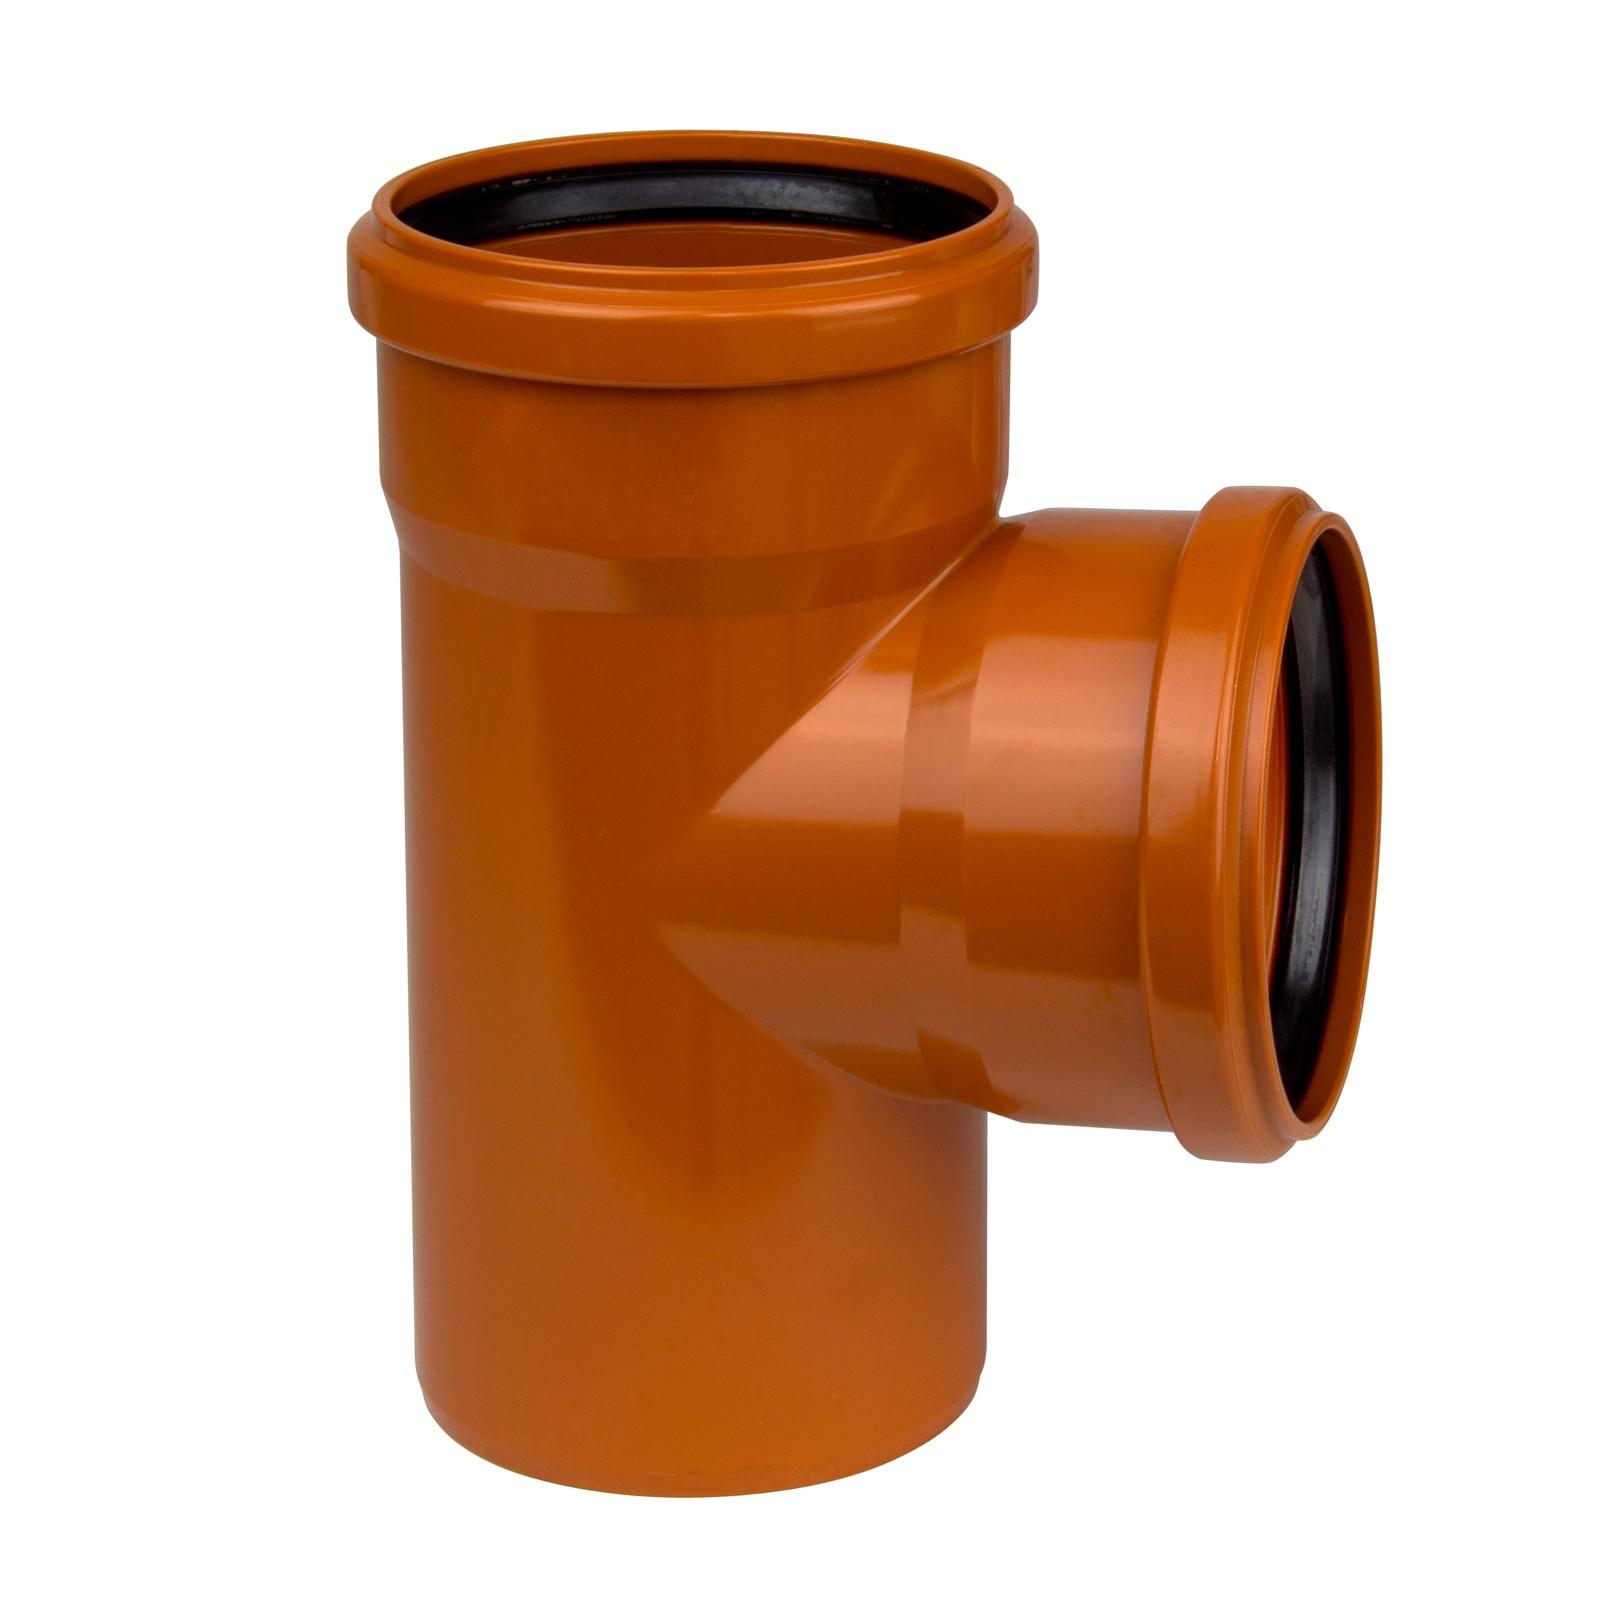 kg abzweig dn 200 200 87 abwasserrohr kanalrohr orange